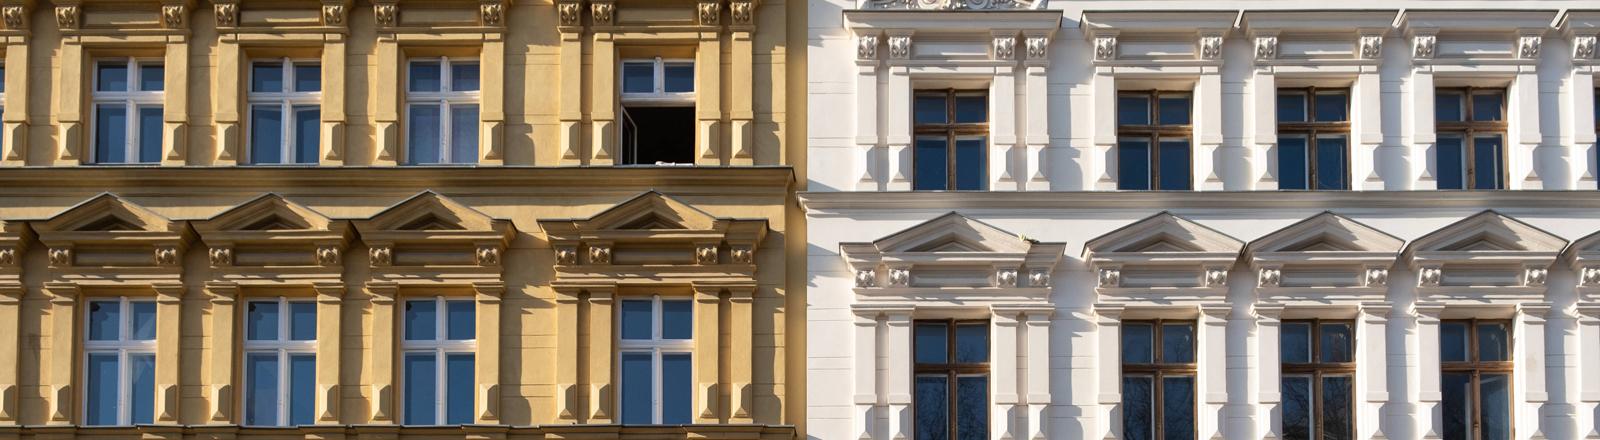 Fassade von Altbauwohnungen.